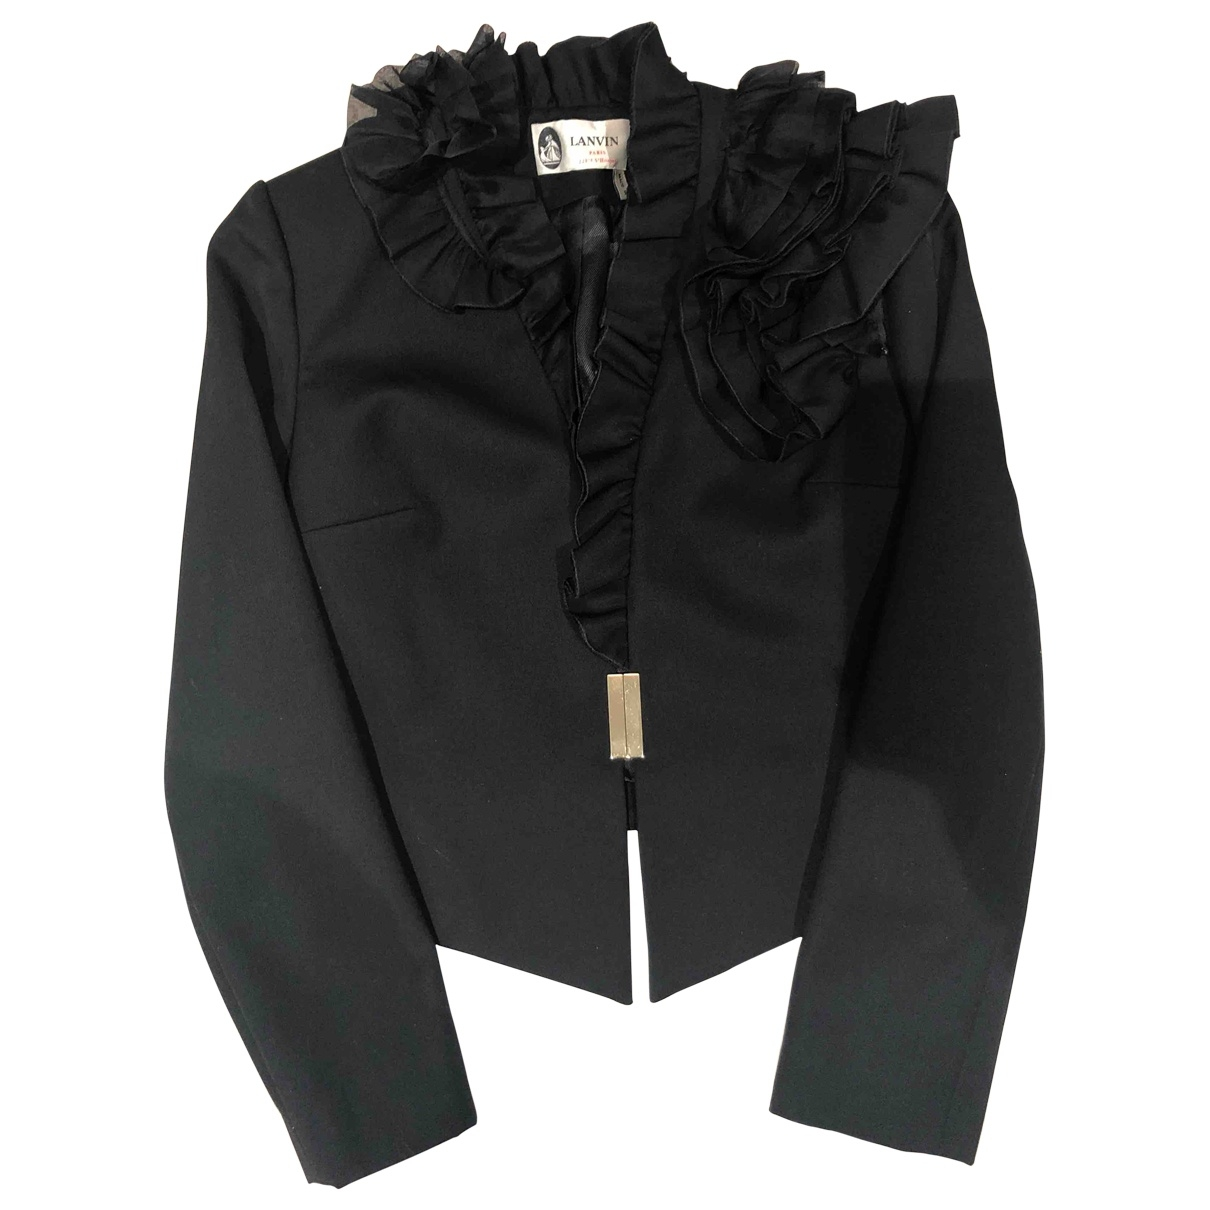 Lanvin \N Jacke in  Schwarz Wolle